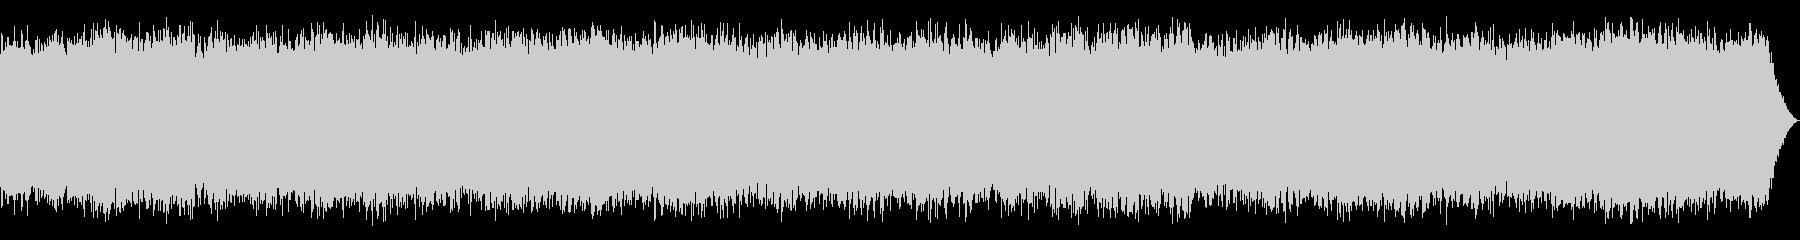 冷蔵庫の中の音01(5分-通常版)の未再生の波形